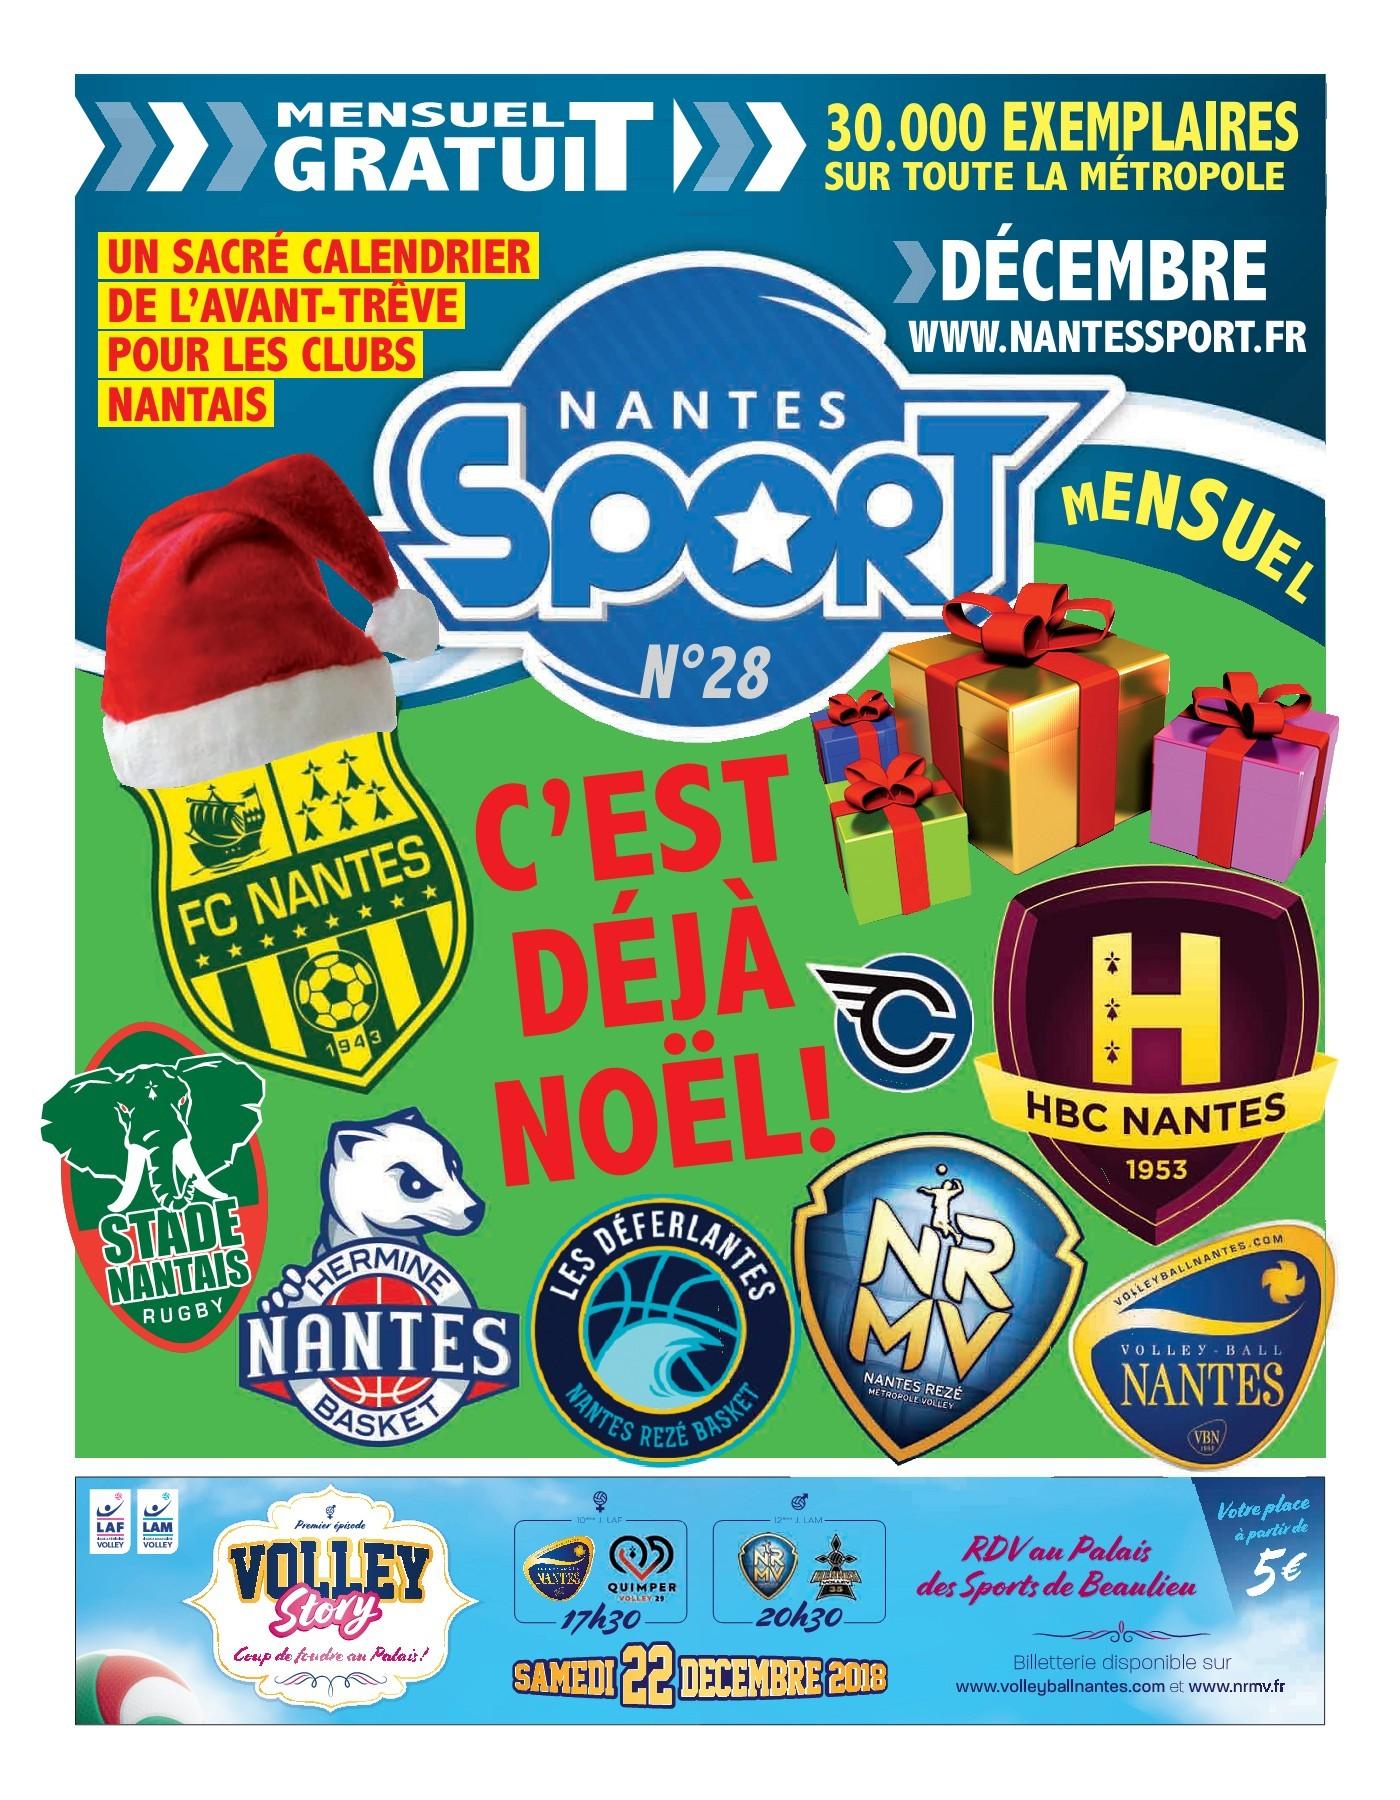 E Leclerc Livraison Charmant Nantes Sport 028 Pages 1 48 Text Version Of 28 Beau E Leclerc Livraison